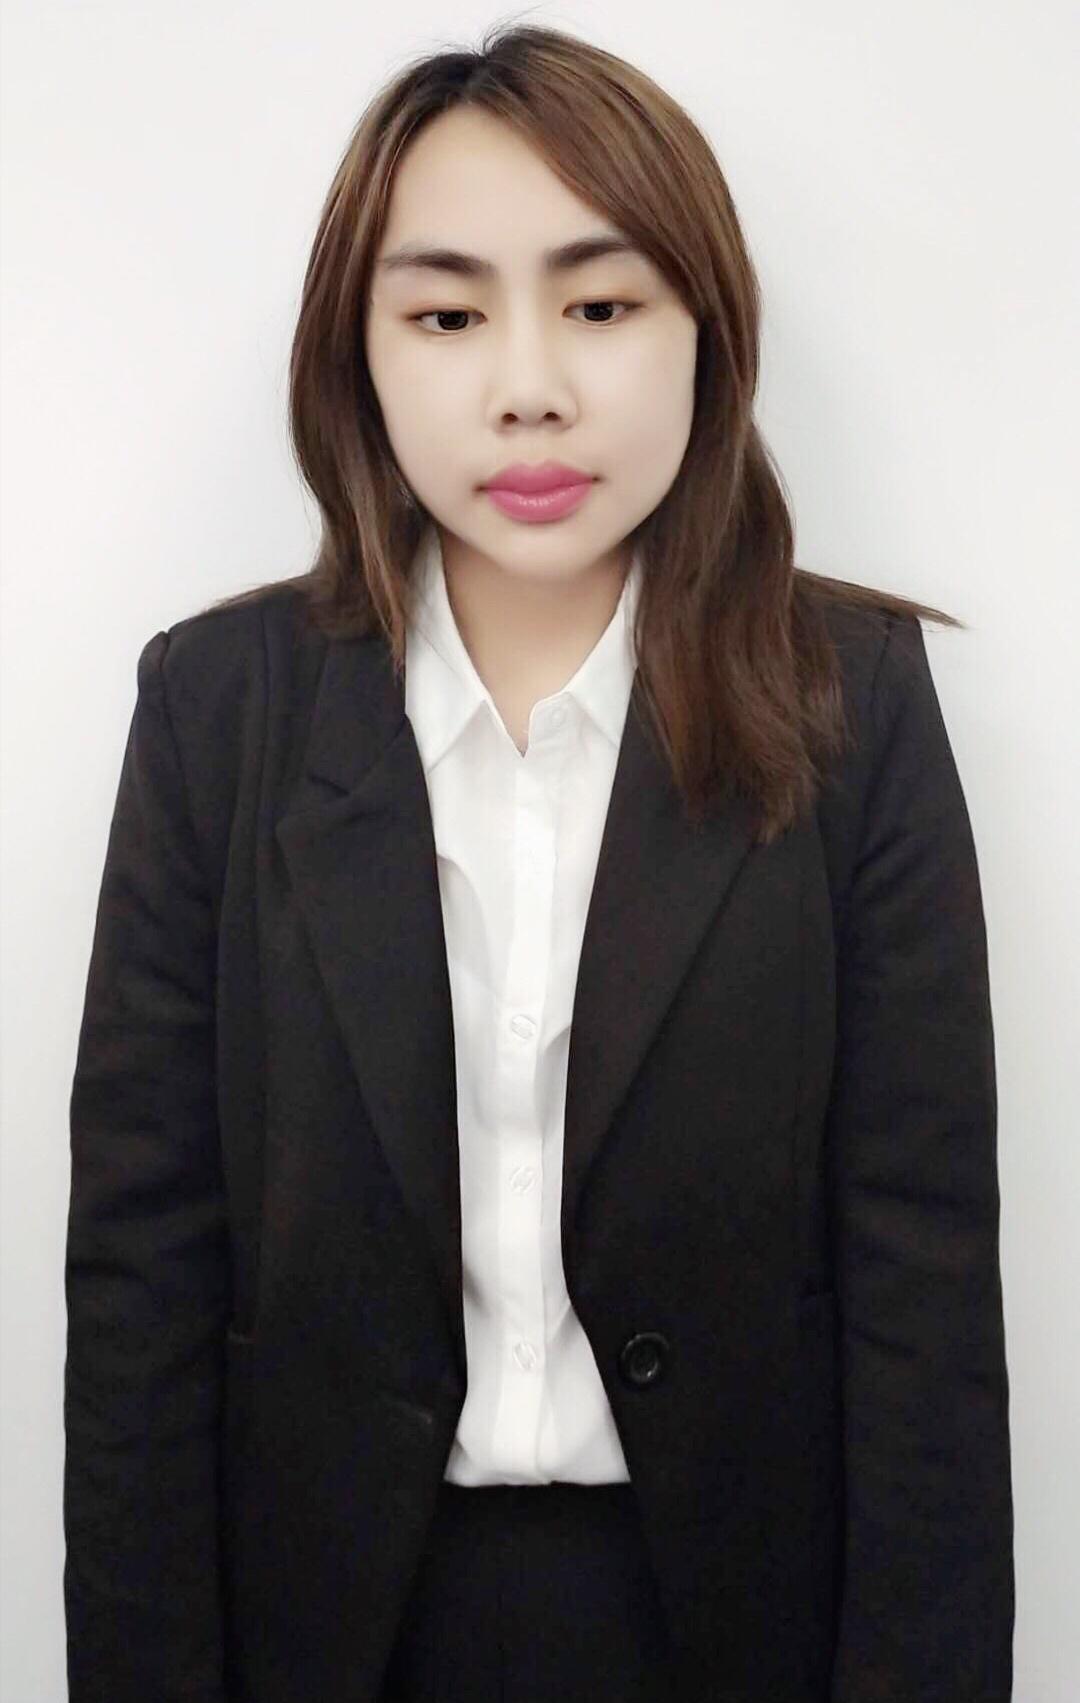 上海市中国人寿保险股份有限公司保险代理人刘静怡